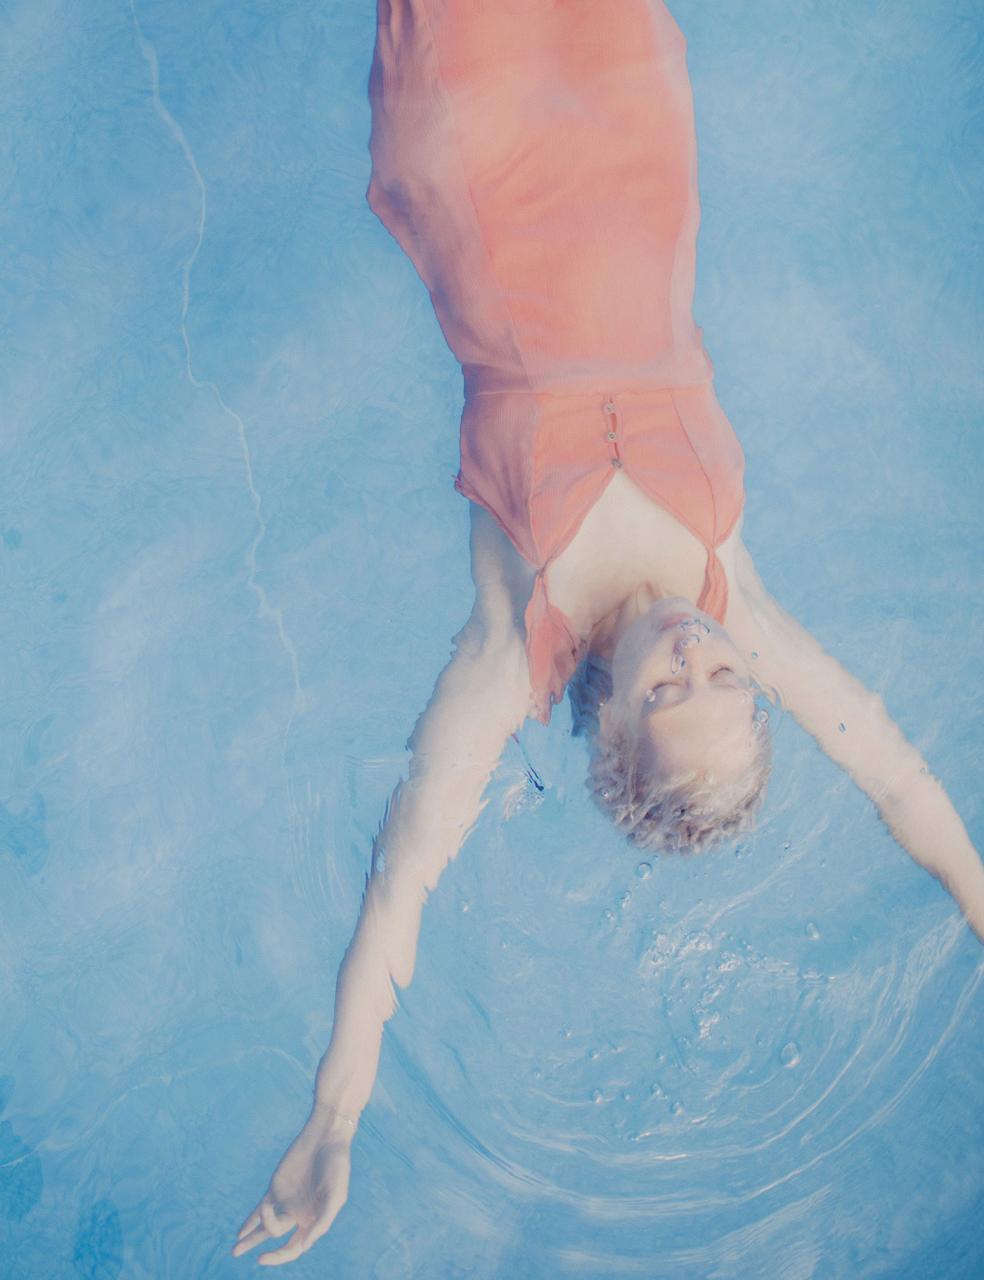 乌克兰摄影Marta syrko 人像摄影作品【blue line】 时尚图库 第4张